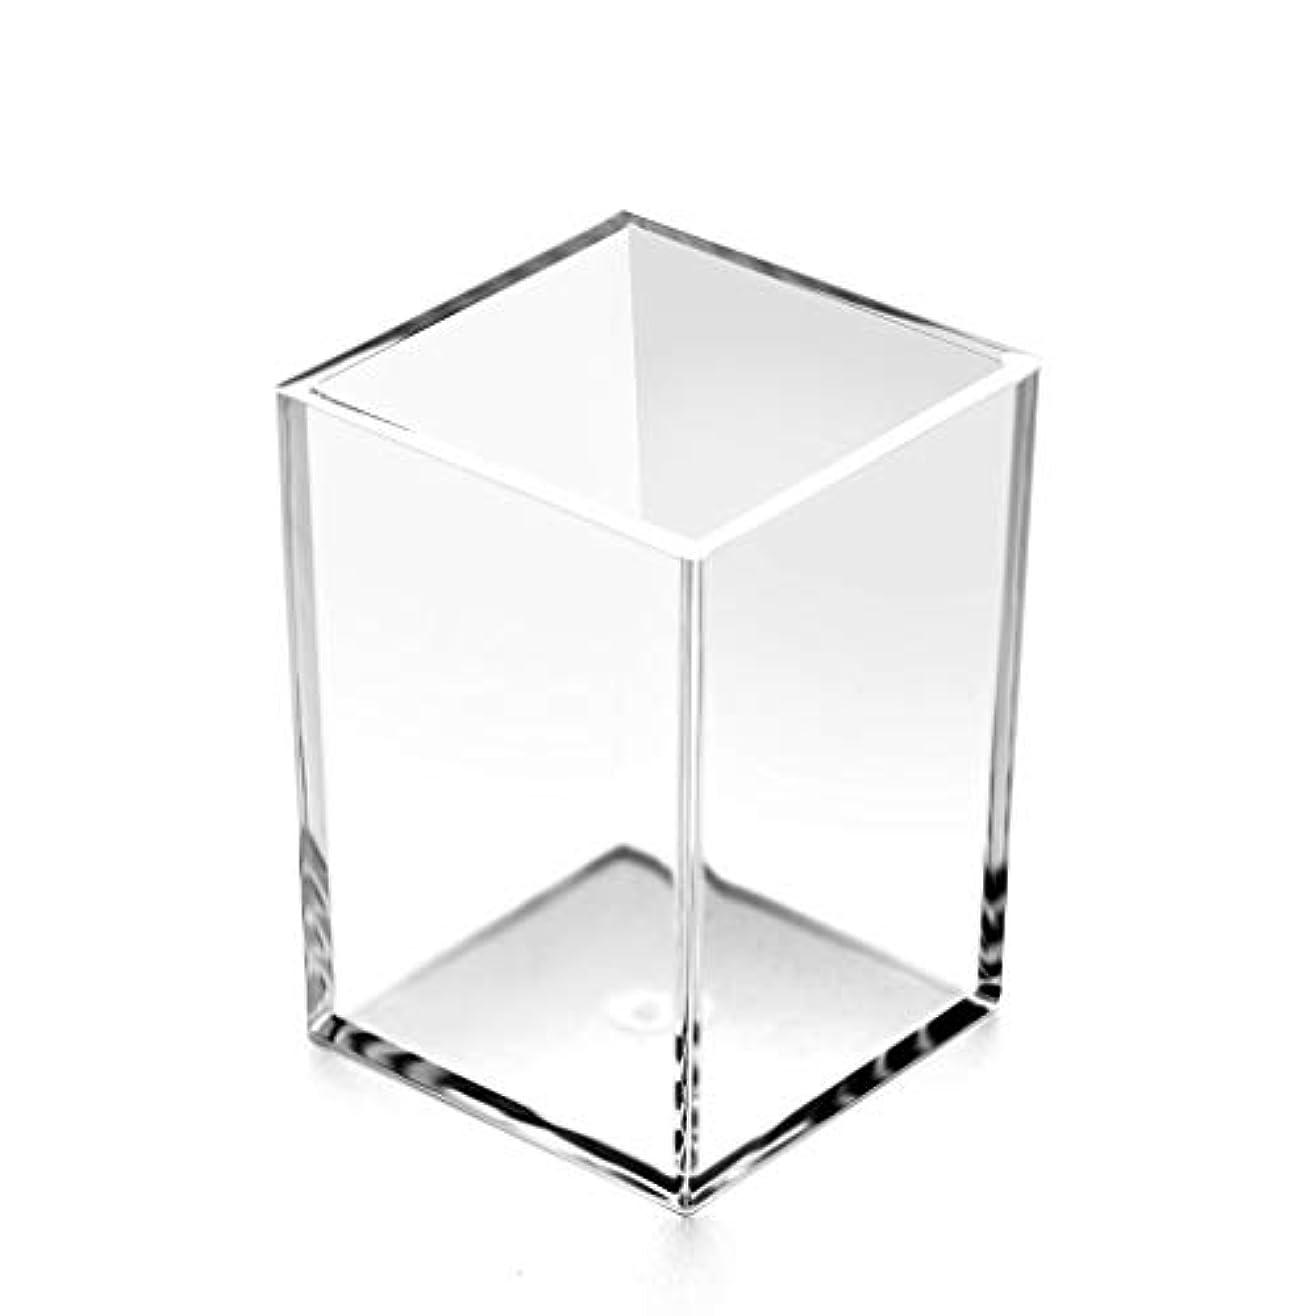 ディレクトリはがき誤解するRiLiKu アクリルペン立て 鉛筆ホルダー 透明 卓上文房具収納ボックス メイクブラシ収納ボックス